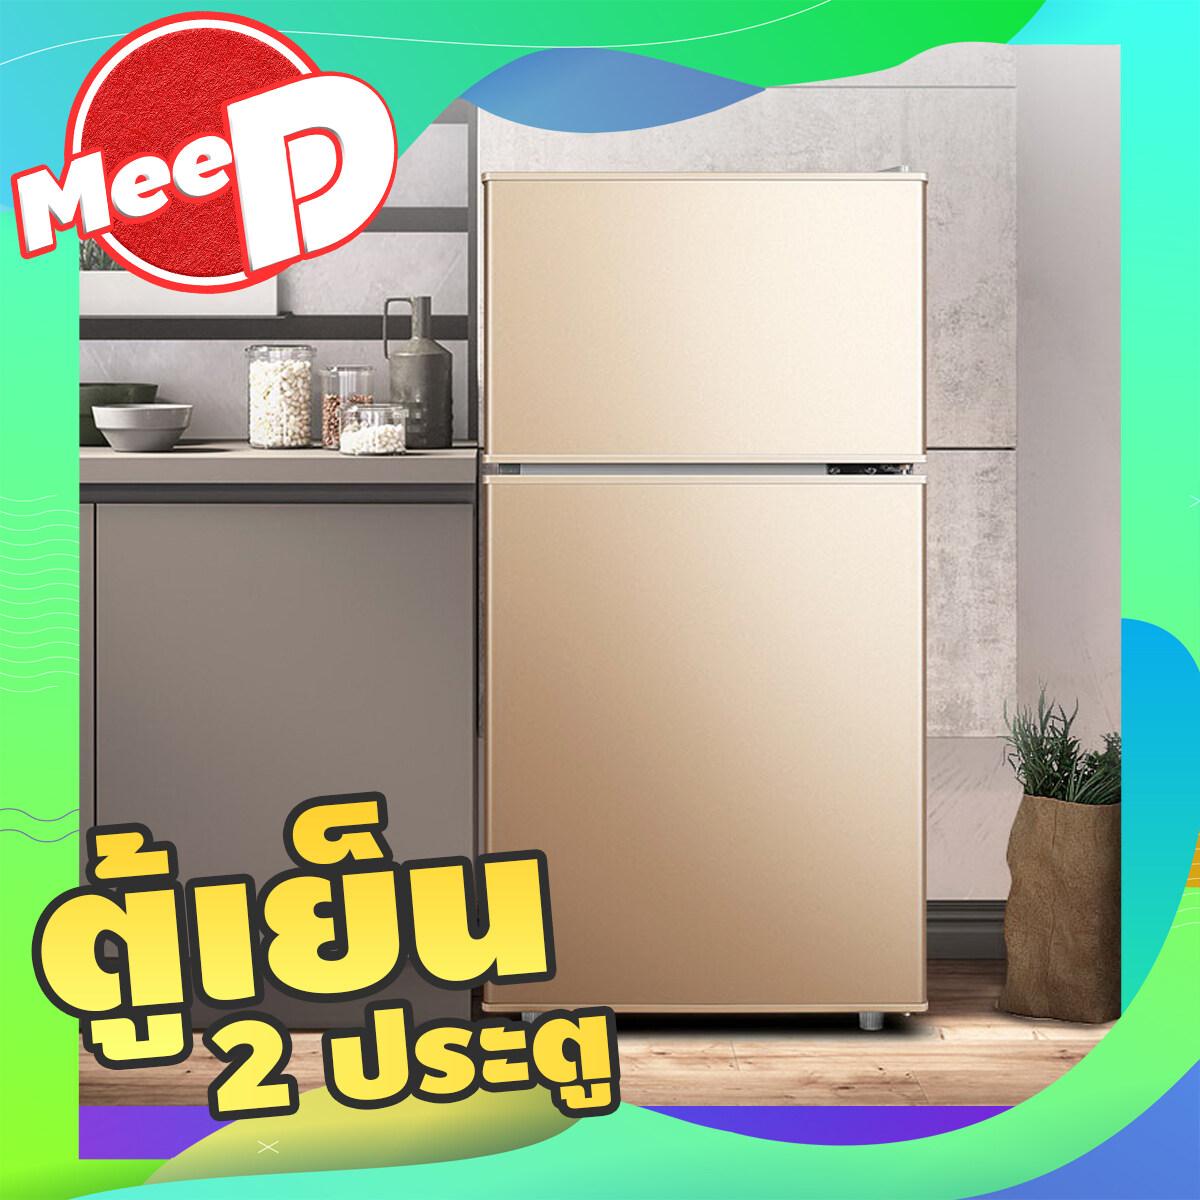 ตู้เย็น ตู้เย็นราคาถูก ตู้เย็นประตูเดียว ตู้แช่ ตู้แช่เย็น ตู้เย็นมินิ 2 ประตู เครื่องทำความเย็น ความจุรวม 43l ตู้เย็นที่นิยม Meedee.